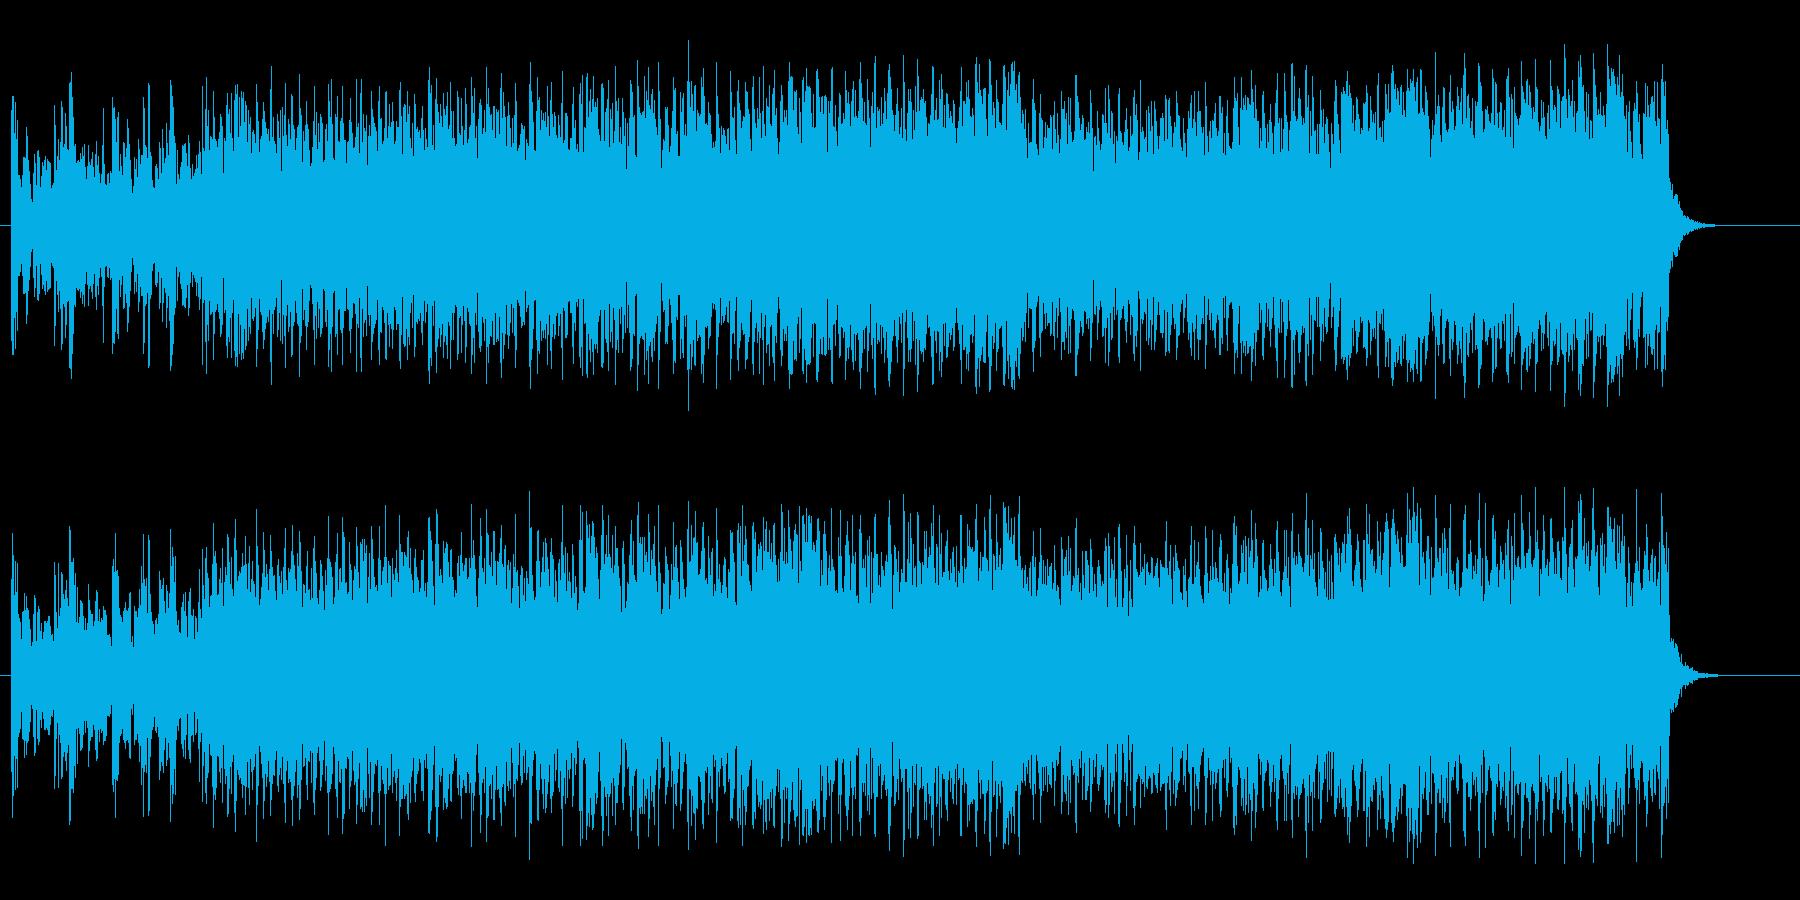 疾走感のあるマイナードライビングロックの再生済みの波形